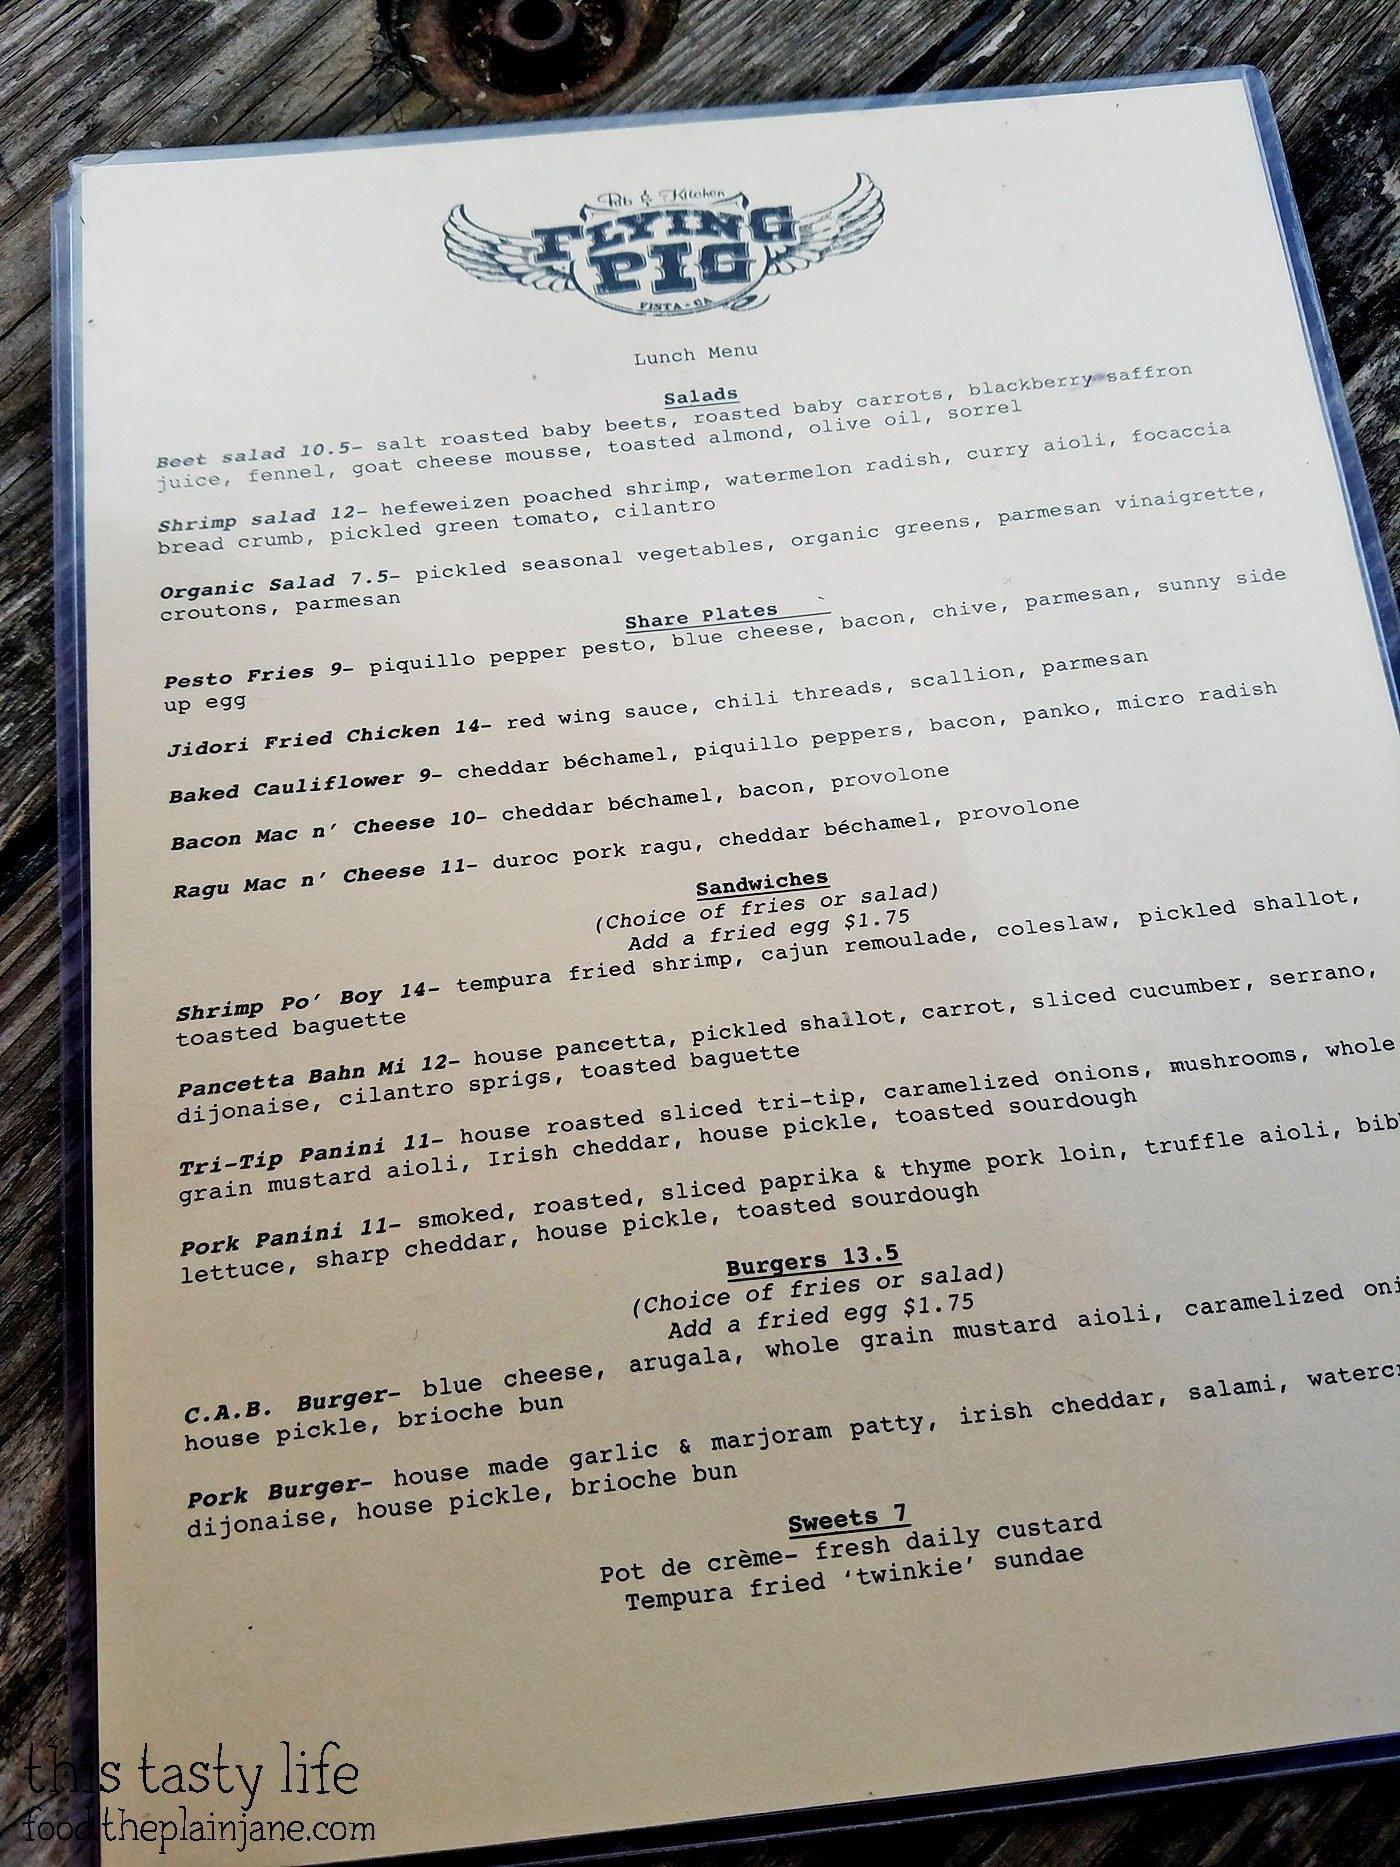 Flying Pig Pub & Kitchen - This Tasty Life